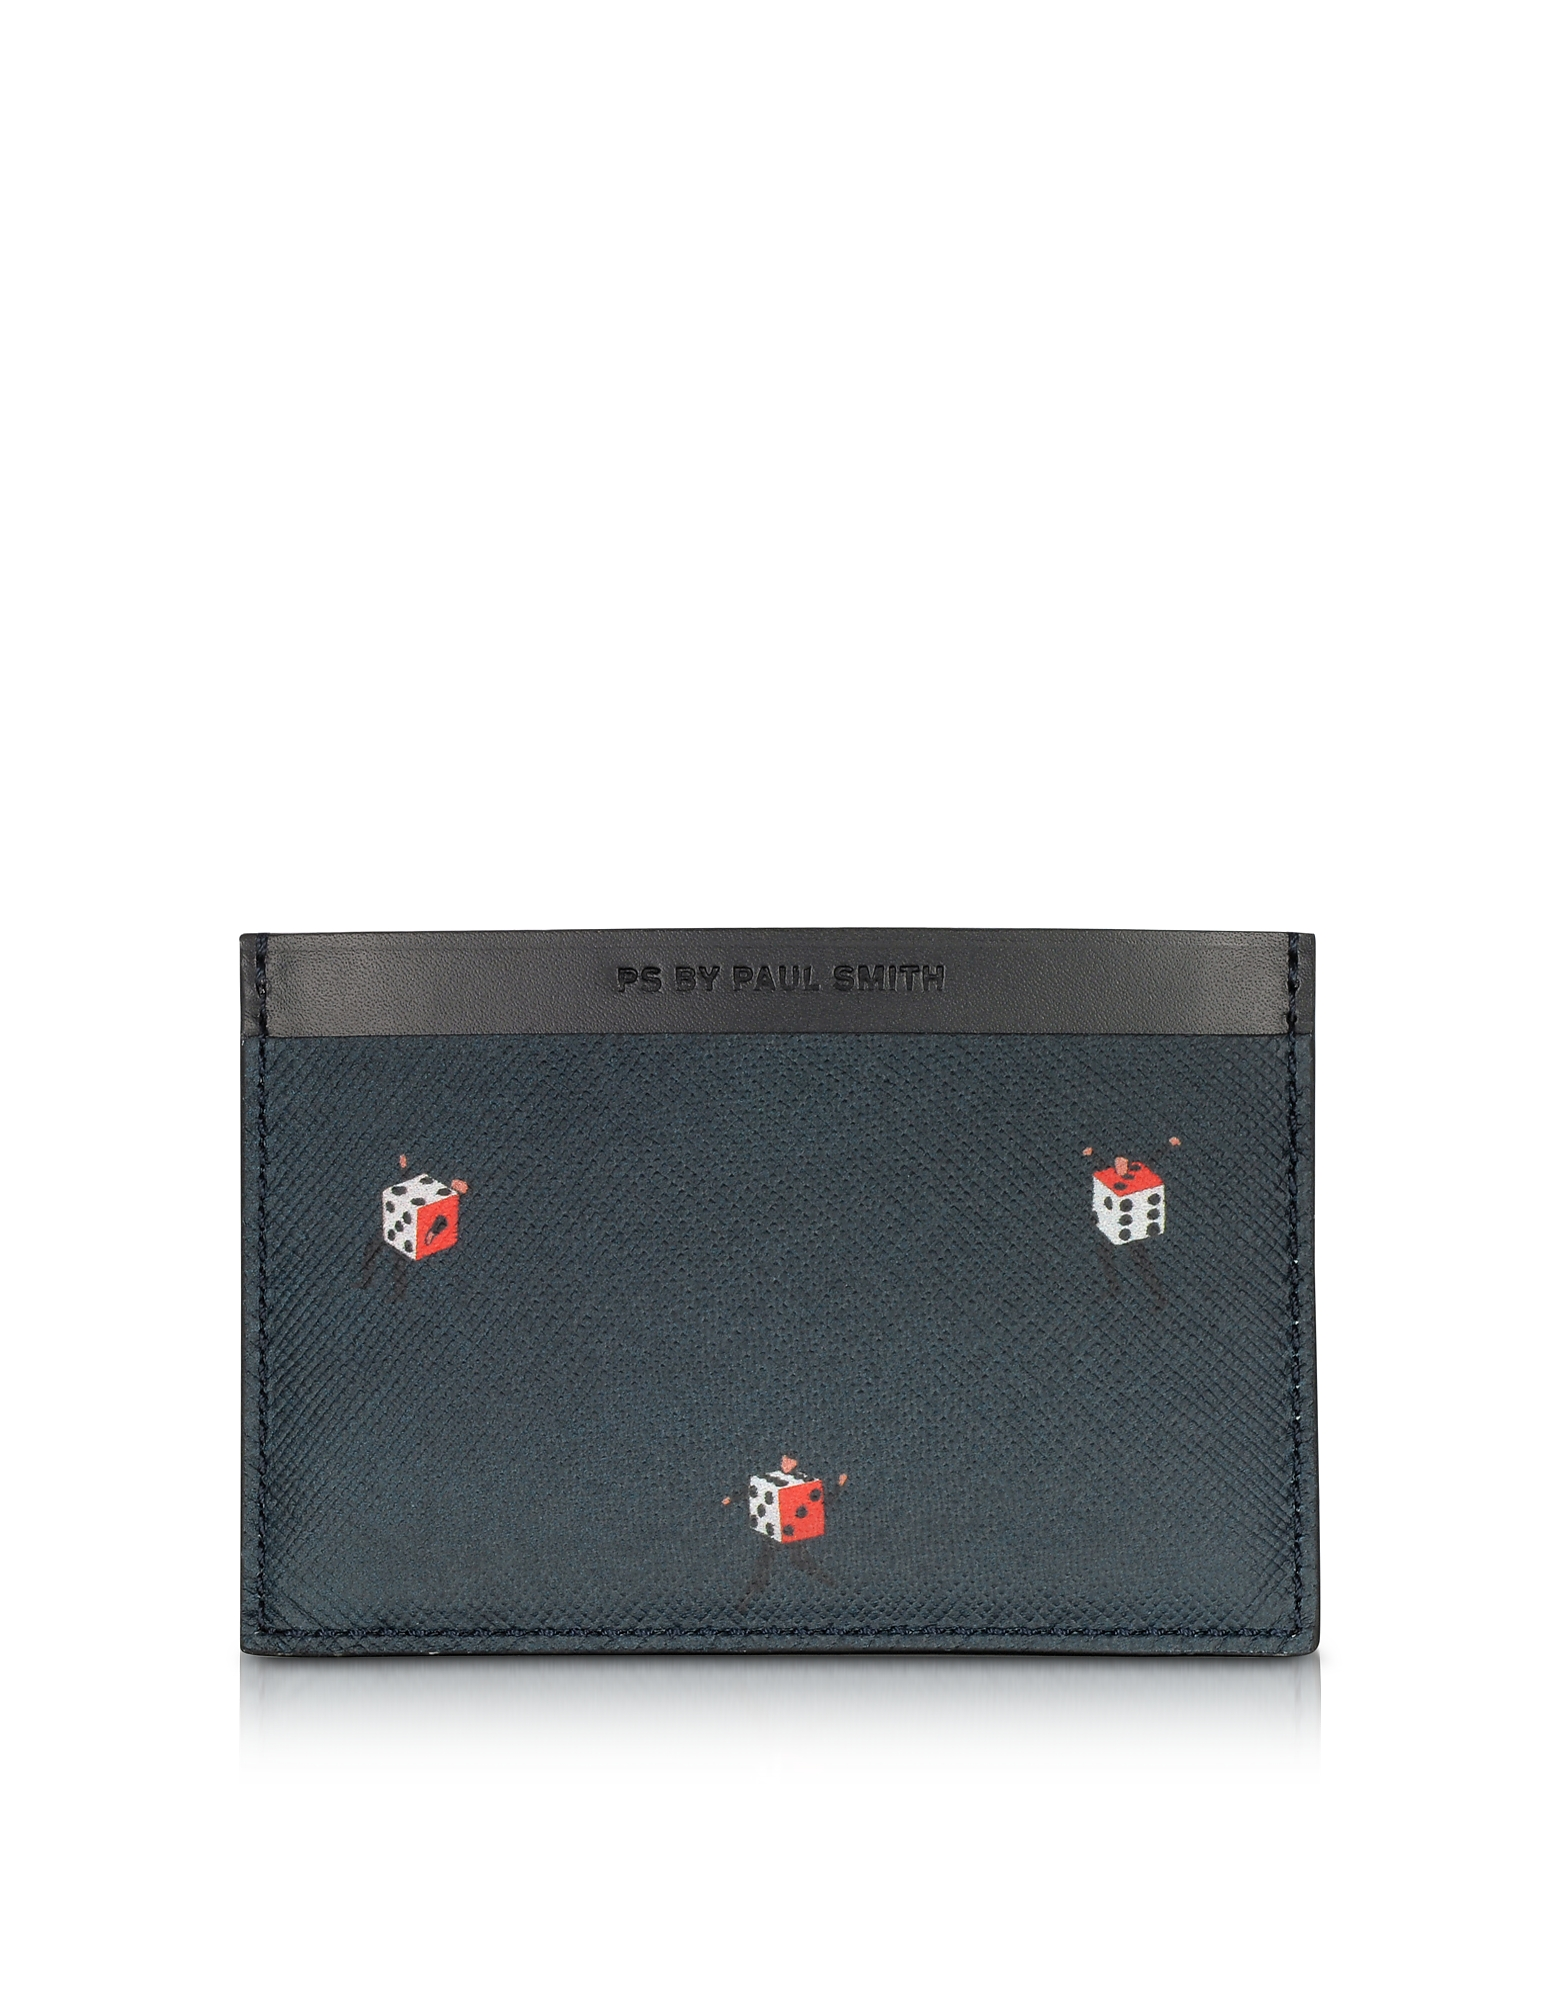 Paul Smith Черный Мужской Кожаный Бумажник для Кредитных Карт с Принтом Игральных Костей